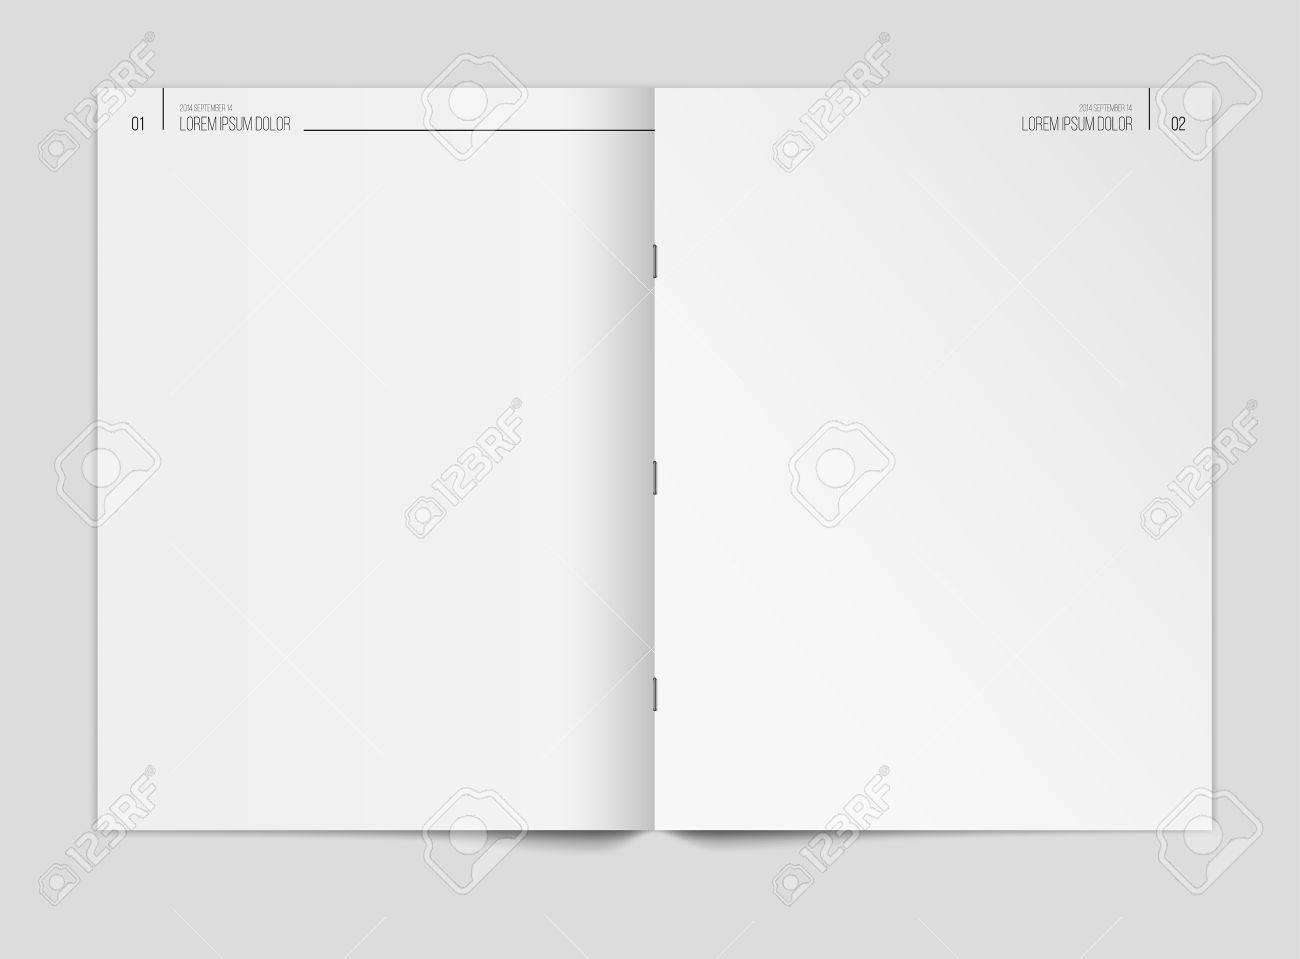 Plantilla De Periódico En Blanco Sobre Fondo Gris. Ilustración Del ...